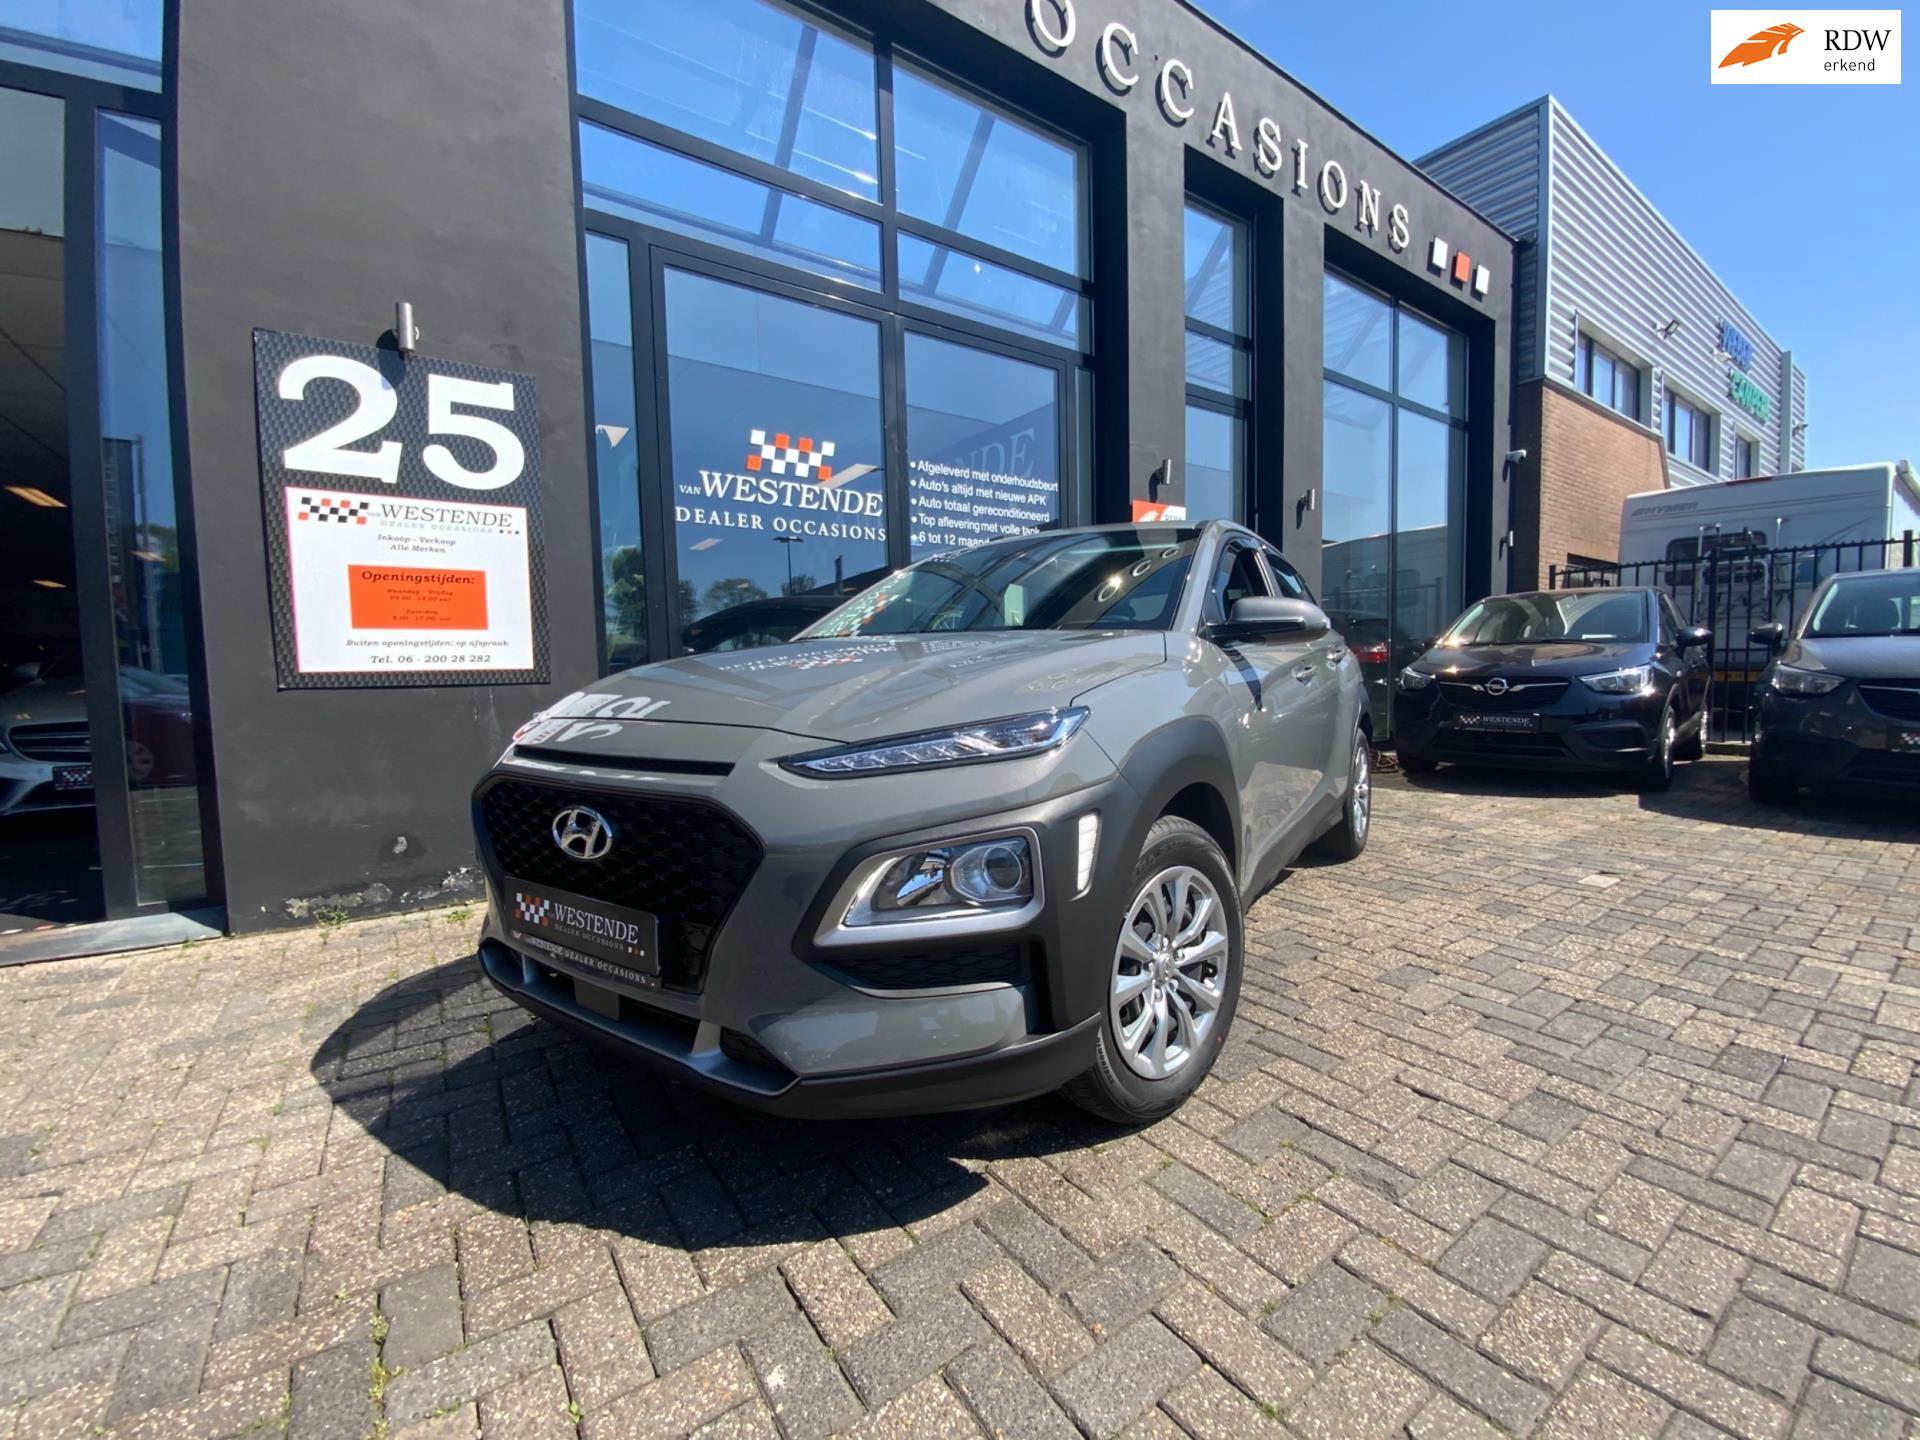 Hyundai Kona occasion - Van Westende Dealeroccasions